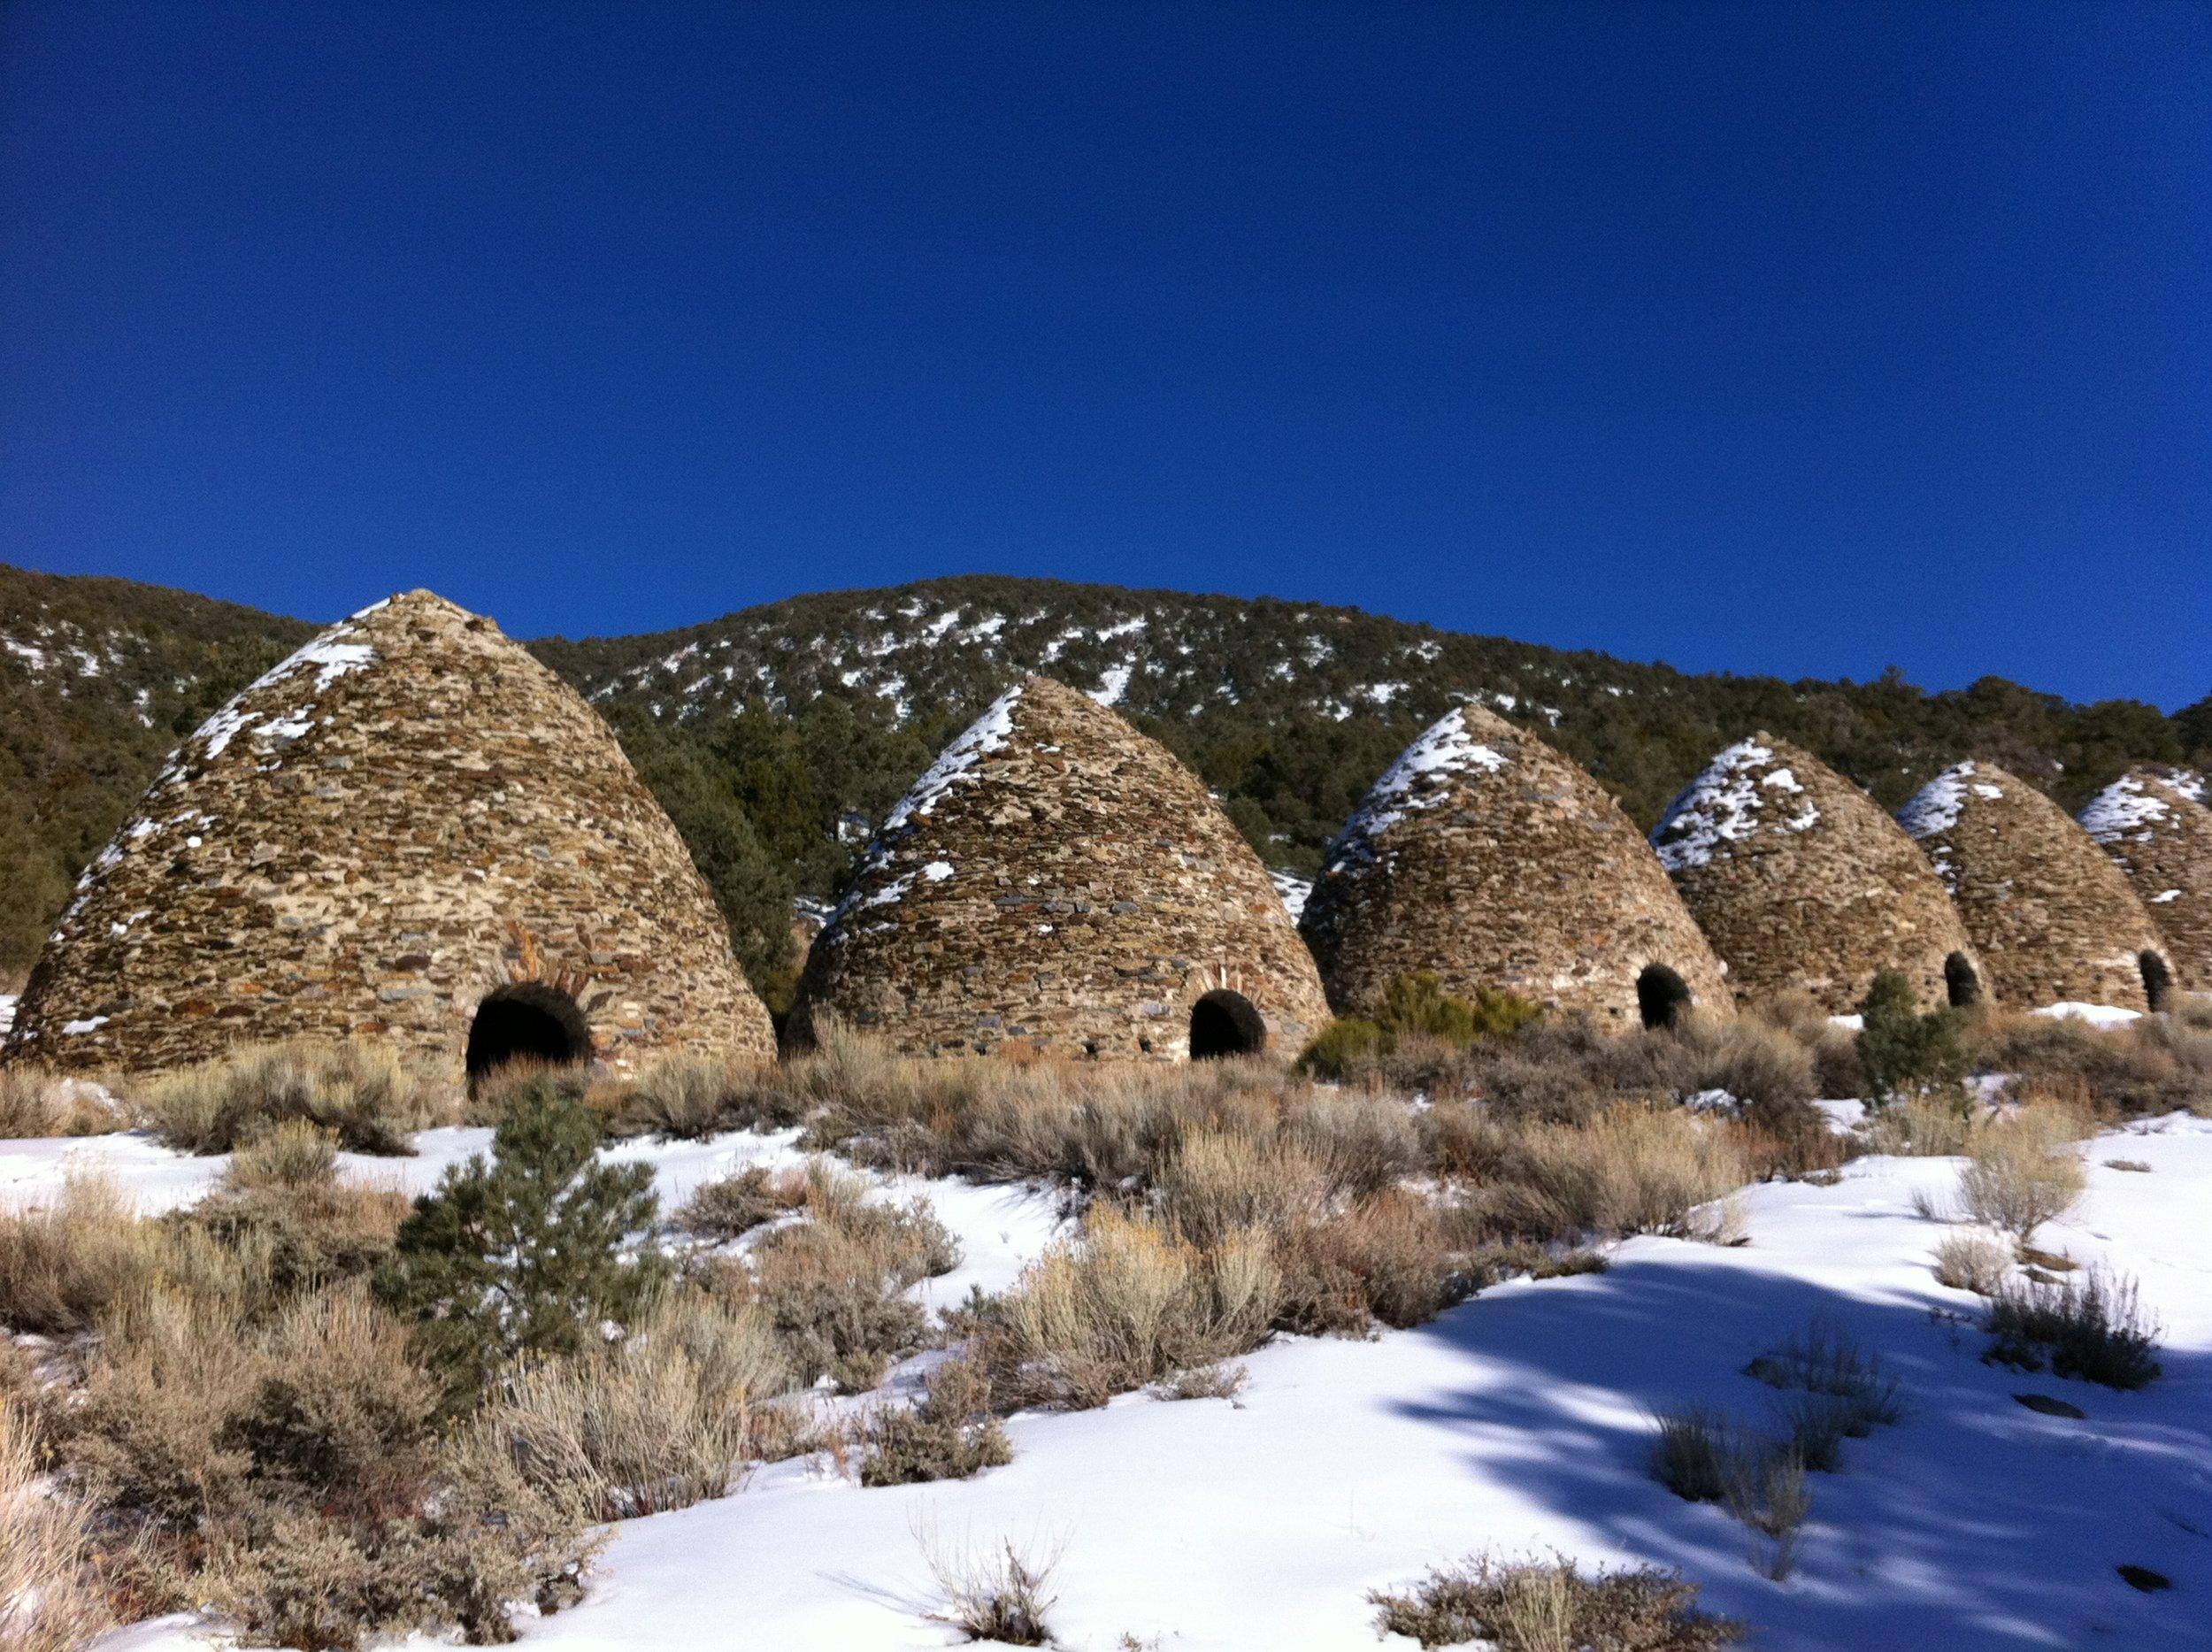 Charcoal Kilns, Winter